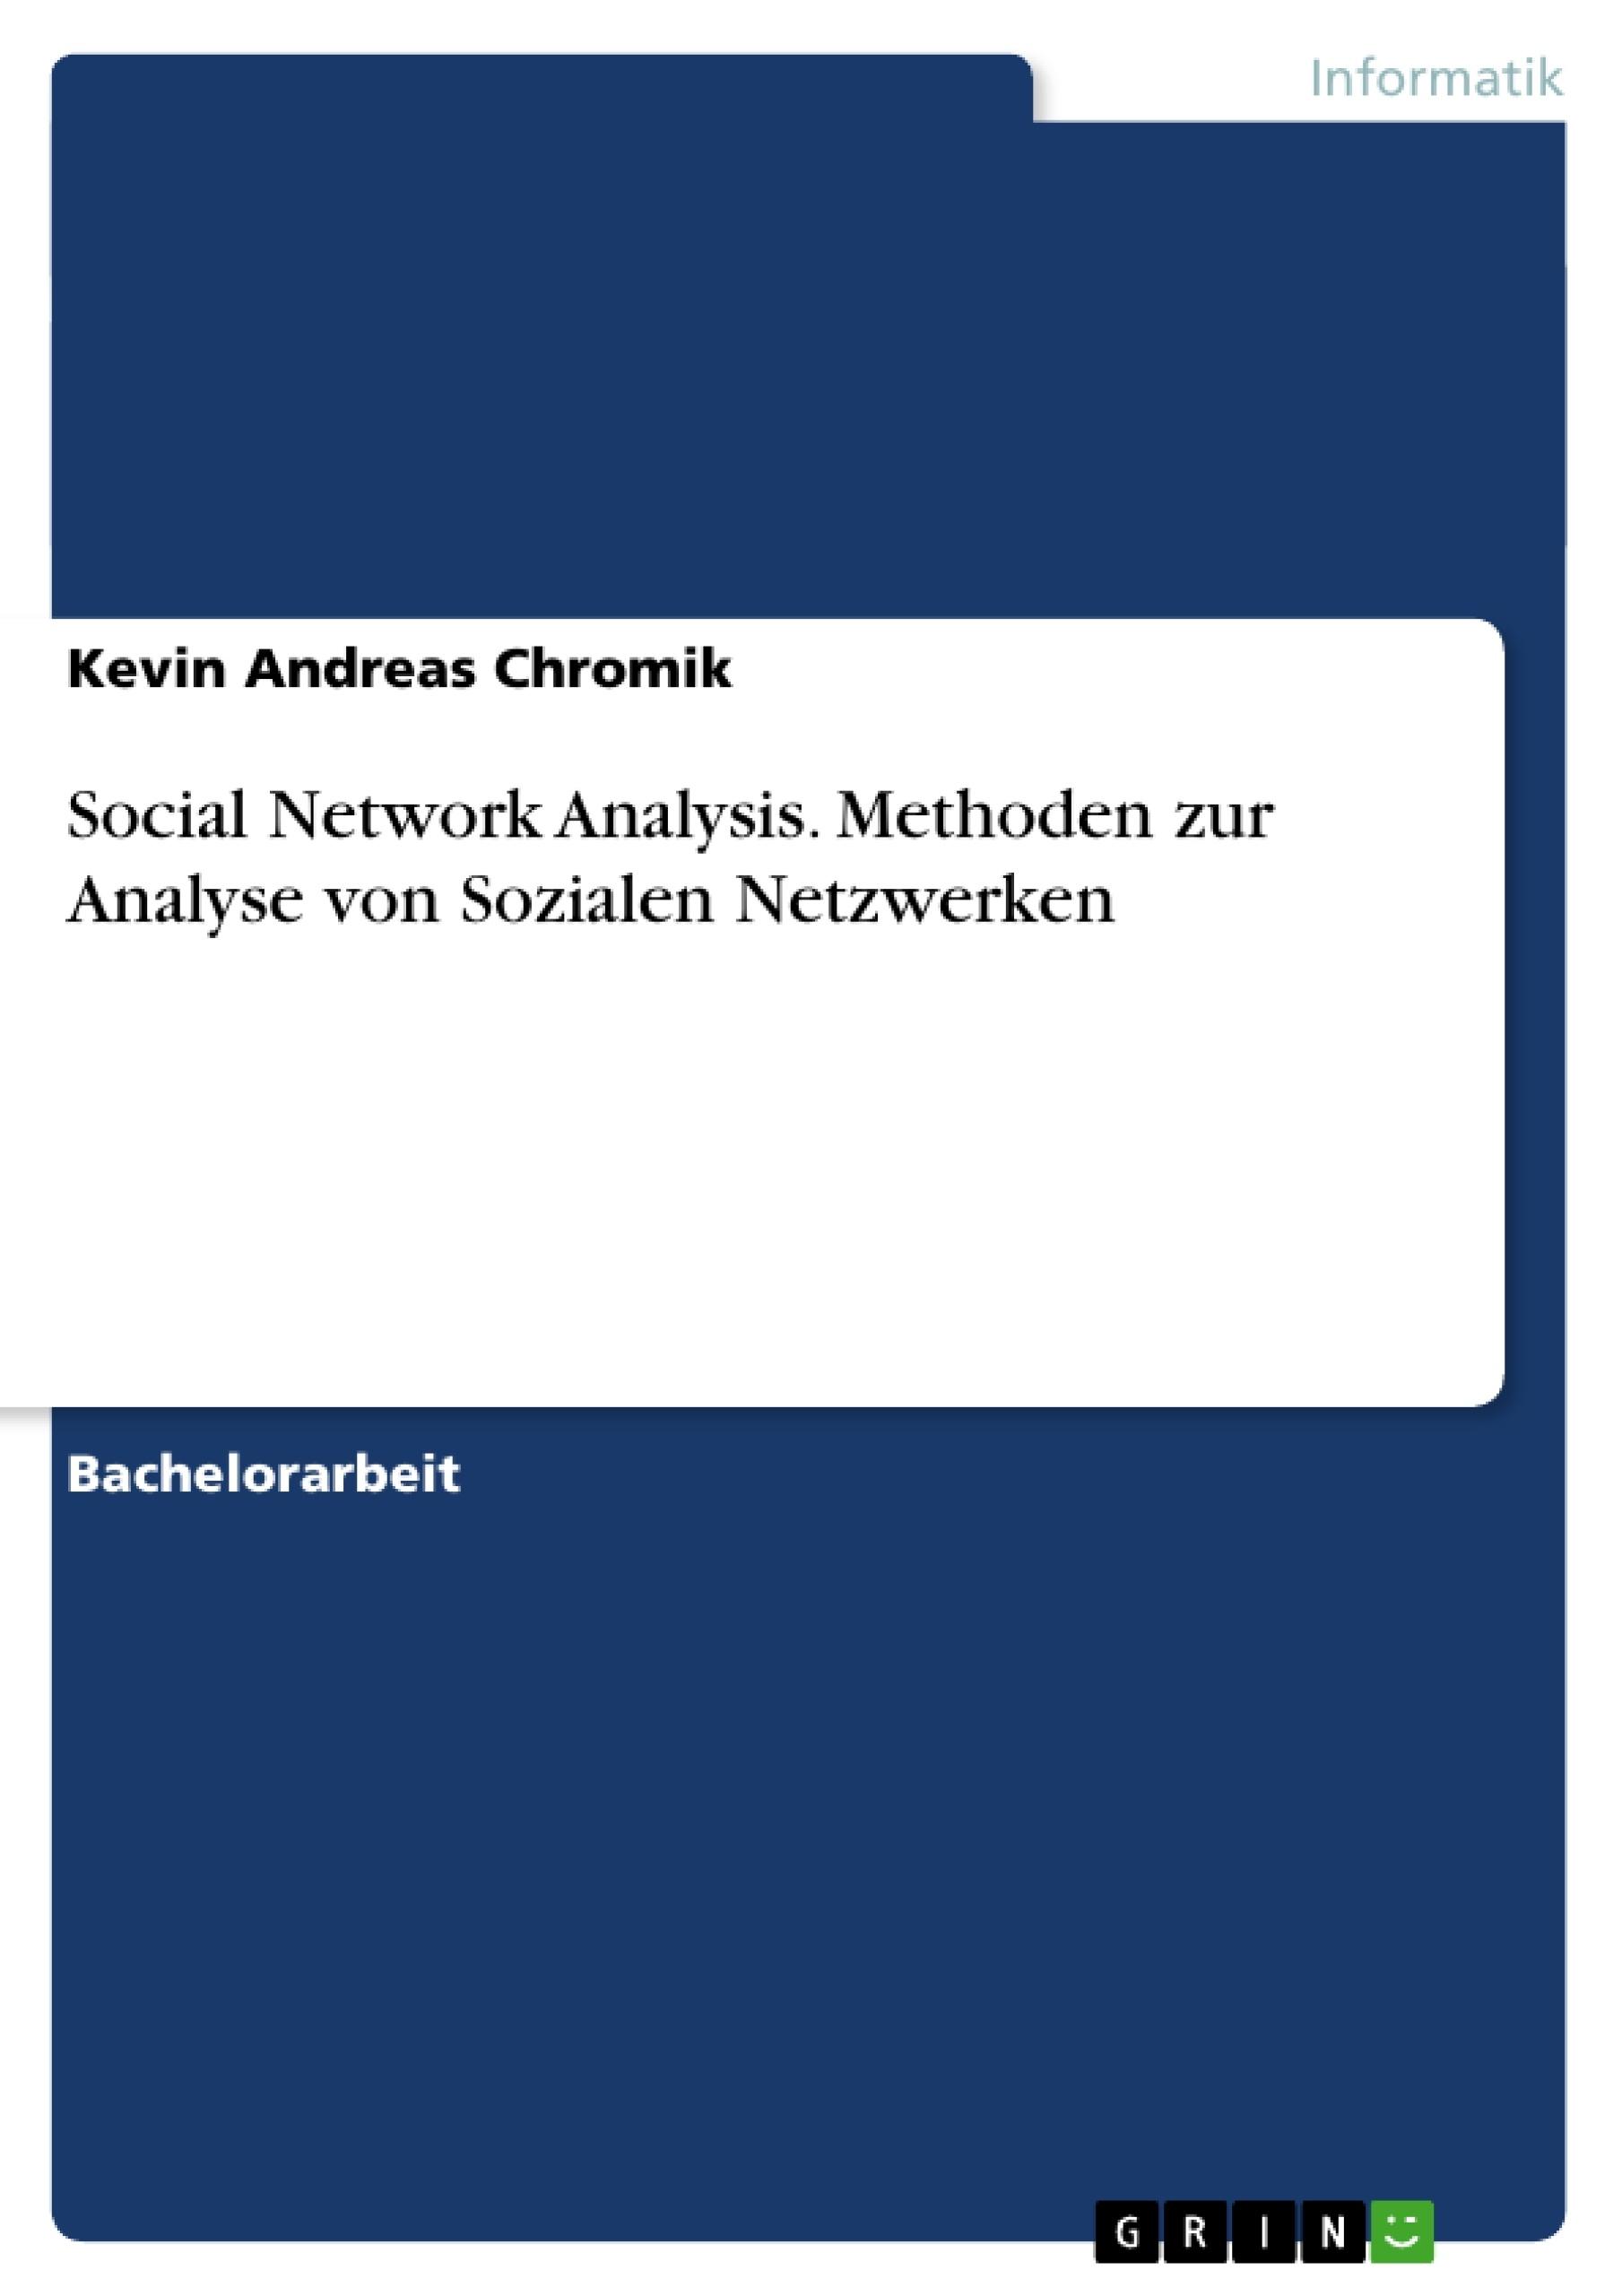 Titel: Social Network Analysis. Methoden zur Analyse von Sozialen Netzwerken